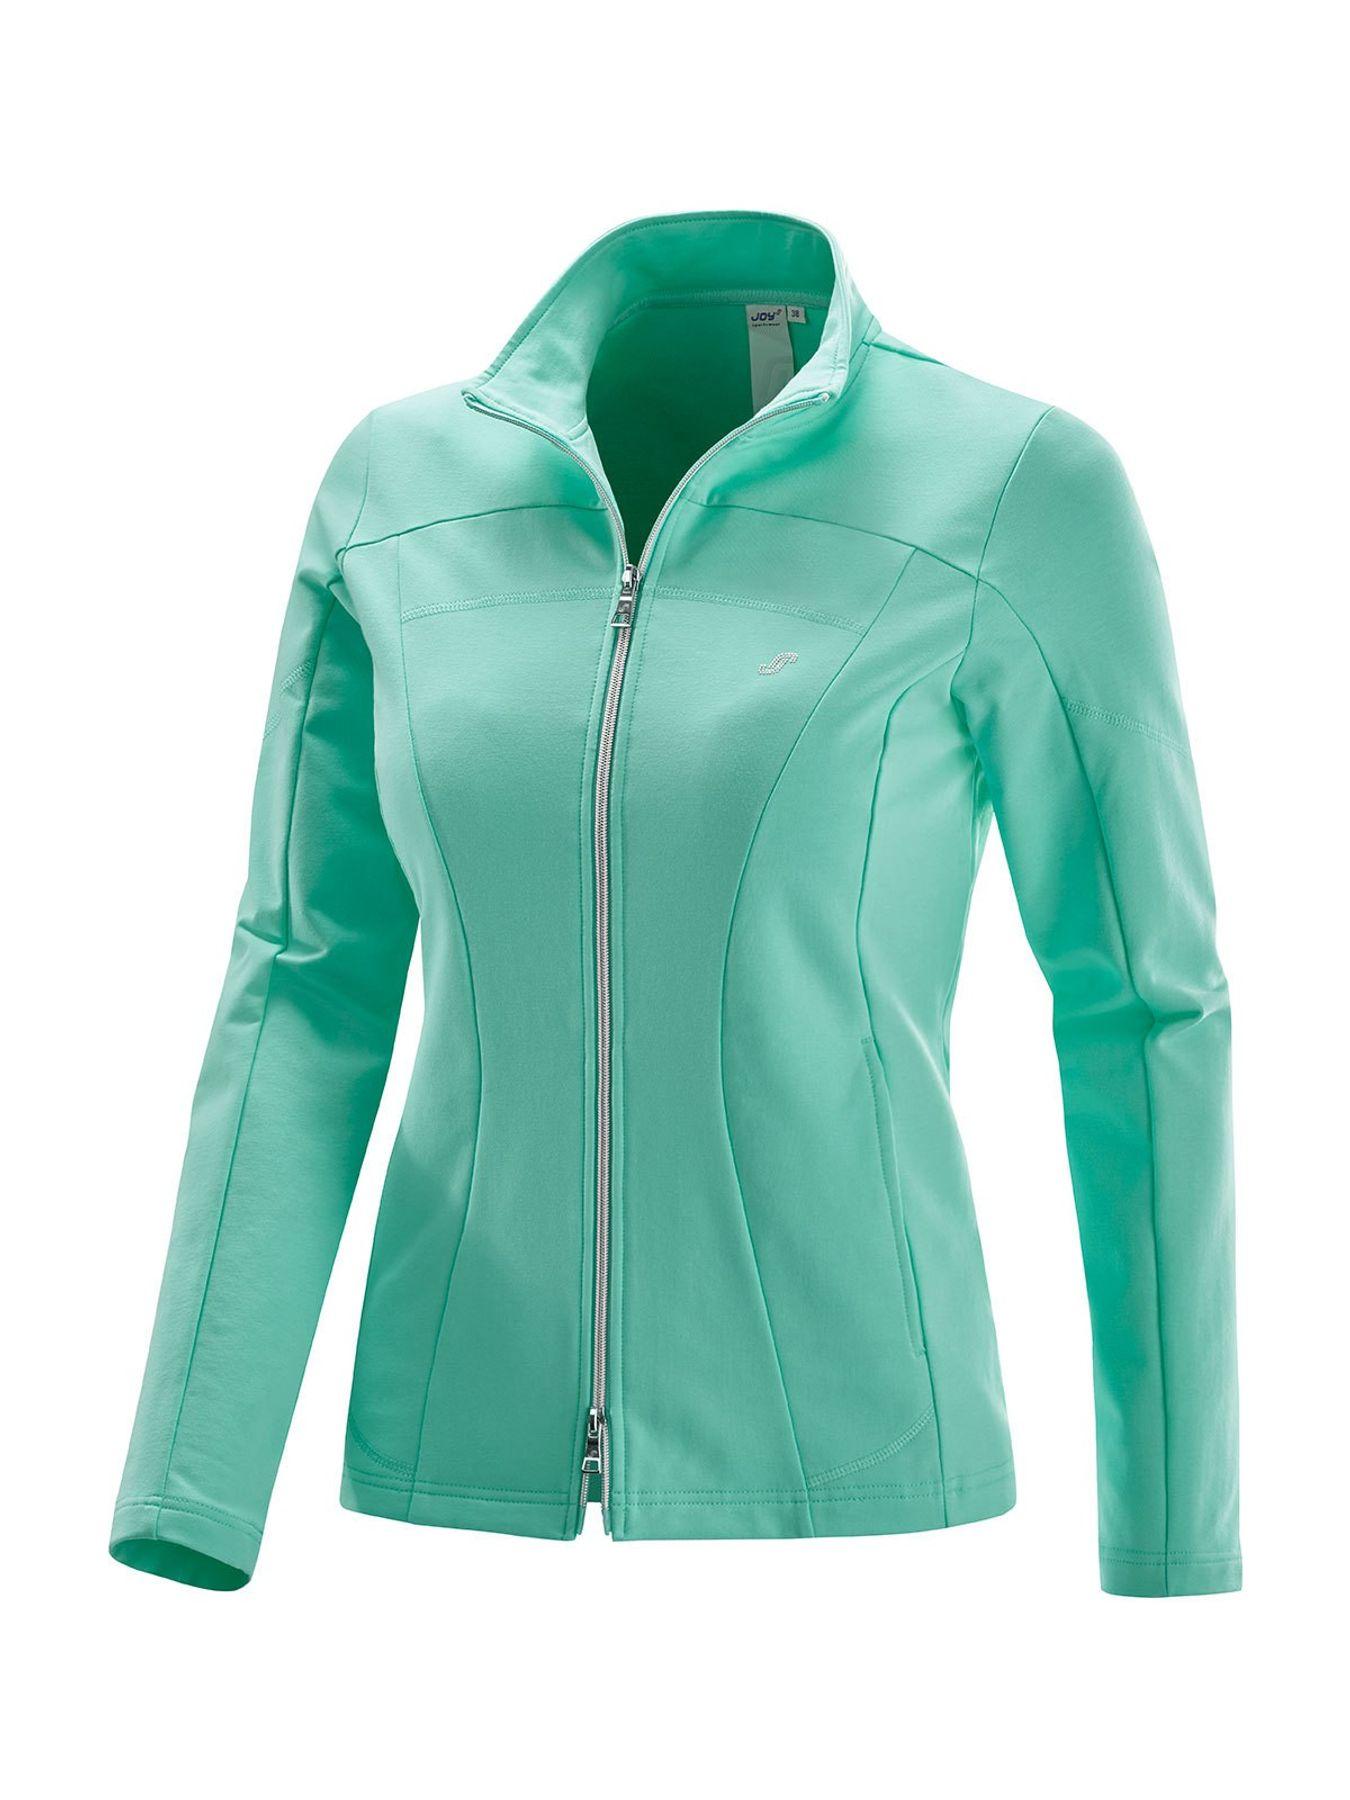 Joy - Damen Sport und Freizeit Jacke in verschiedenen Farben, Damaris (30150 A) – Bild 6